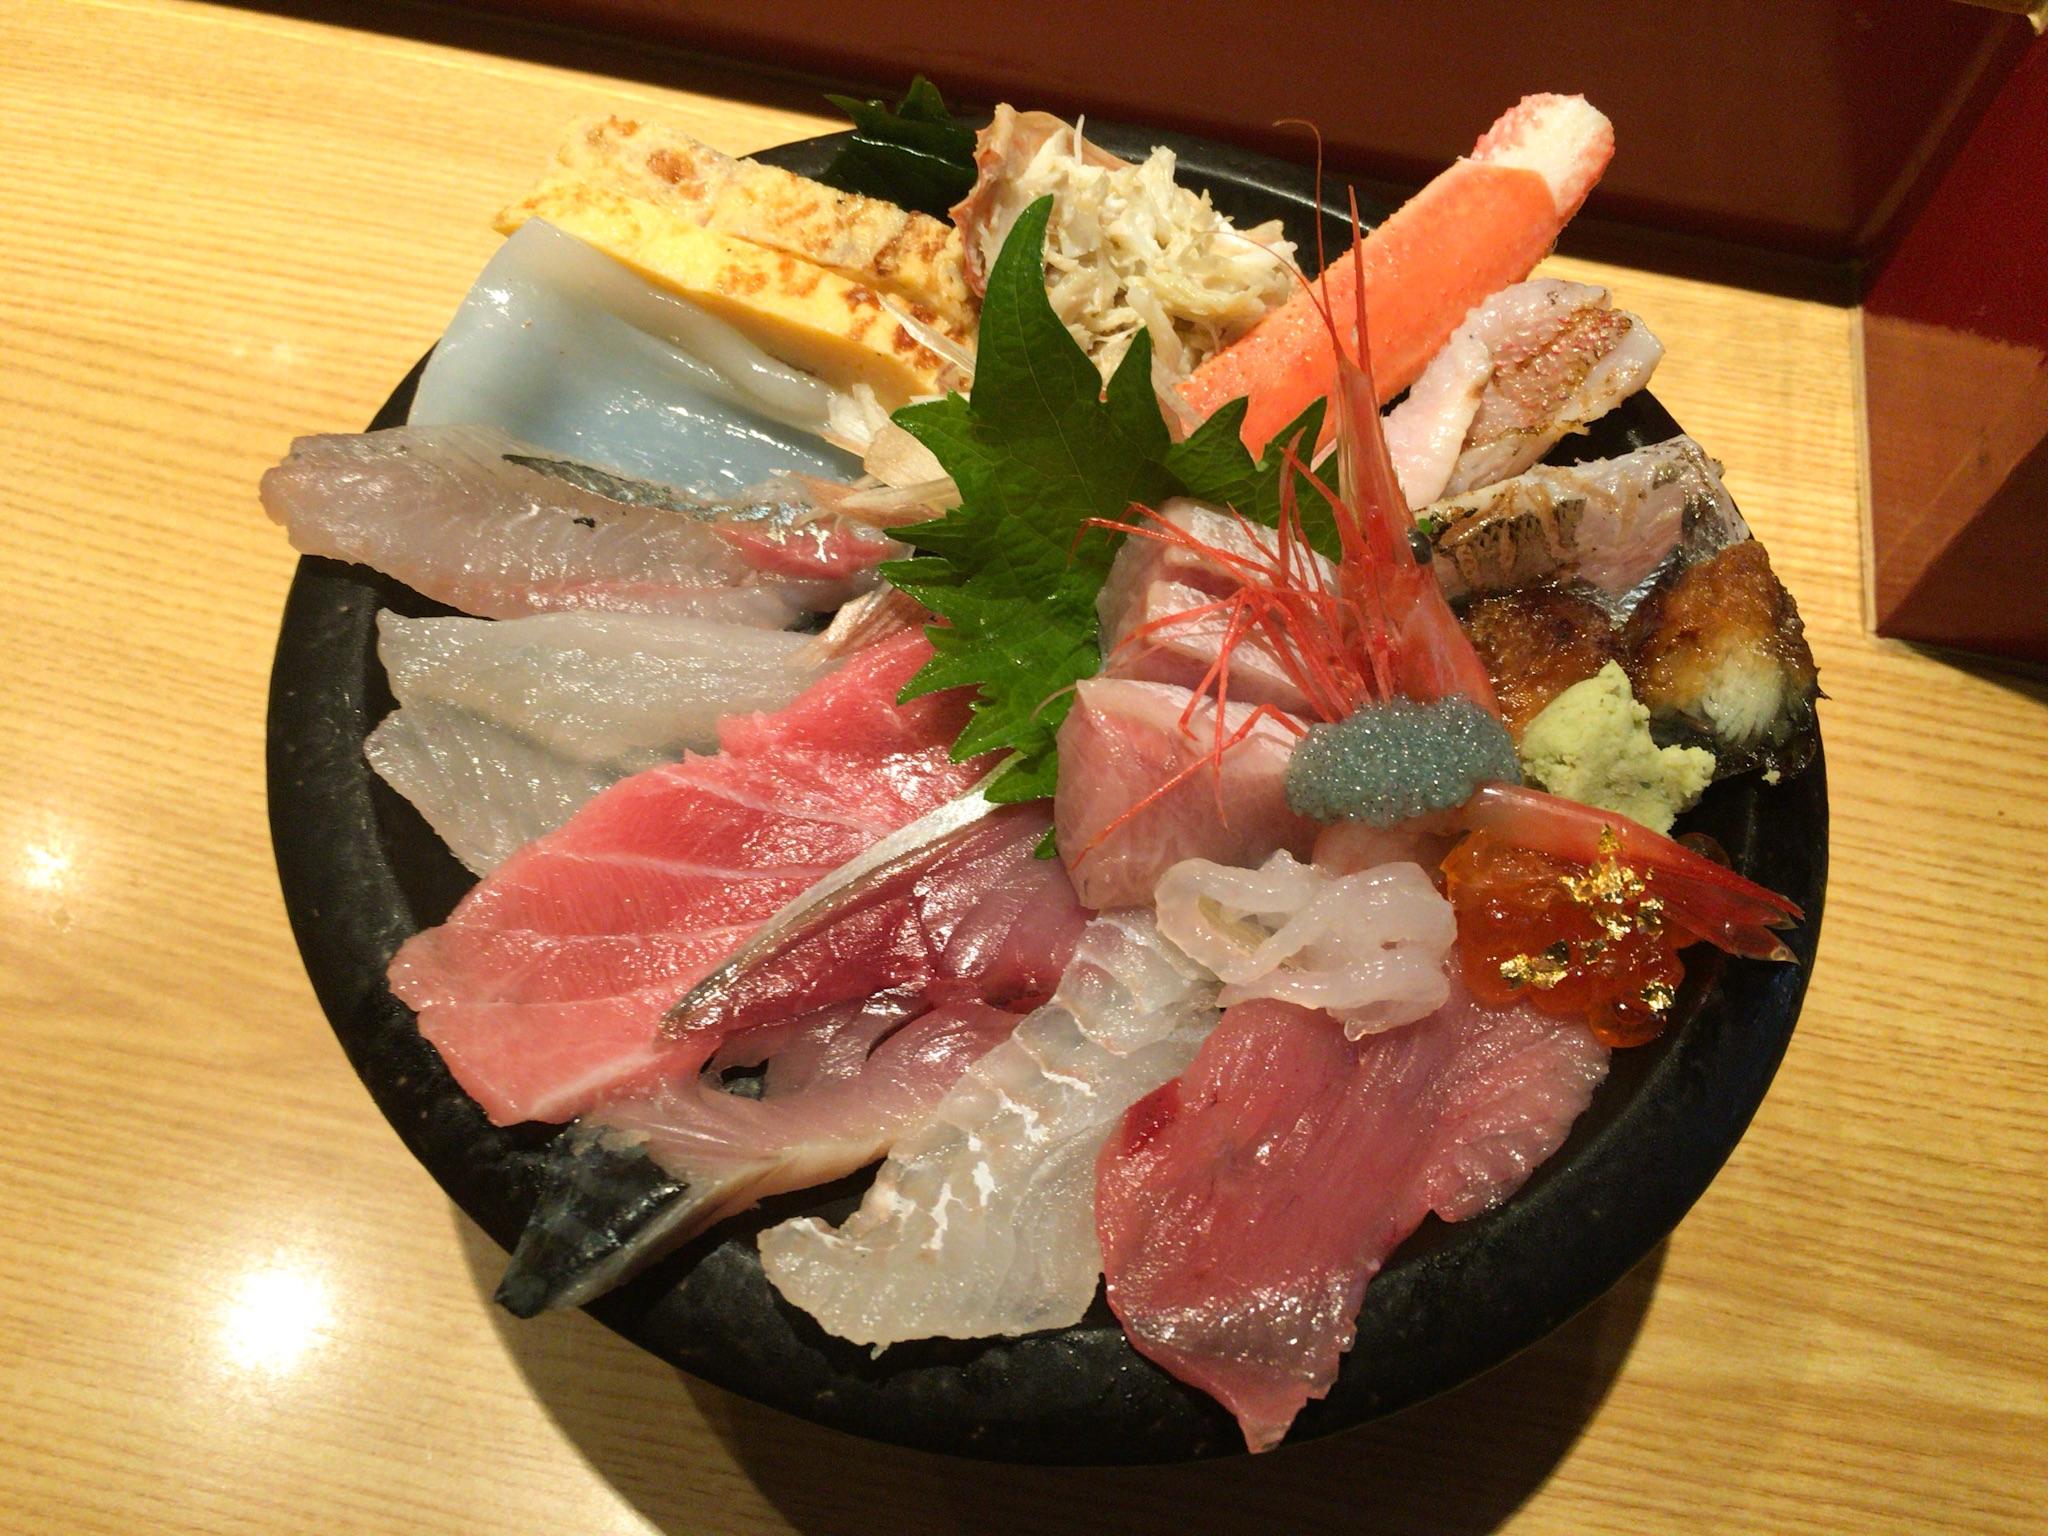 ãè¿æ±çºå¸å´ 海鮮丼ãã®ç»åæ¤ç´¢çµæ